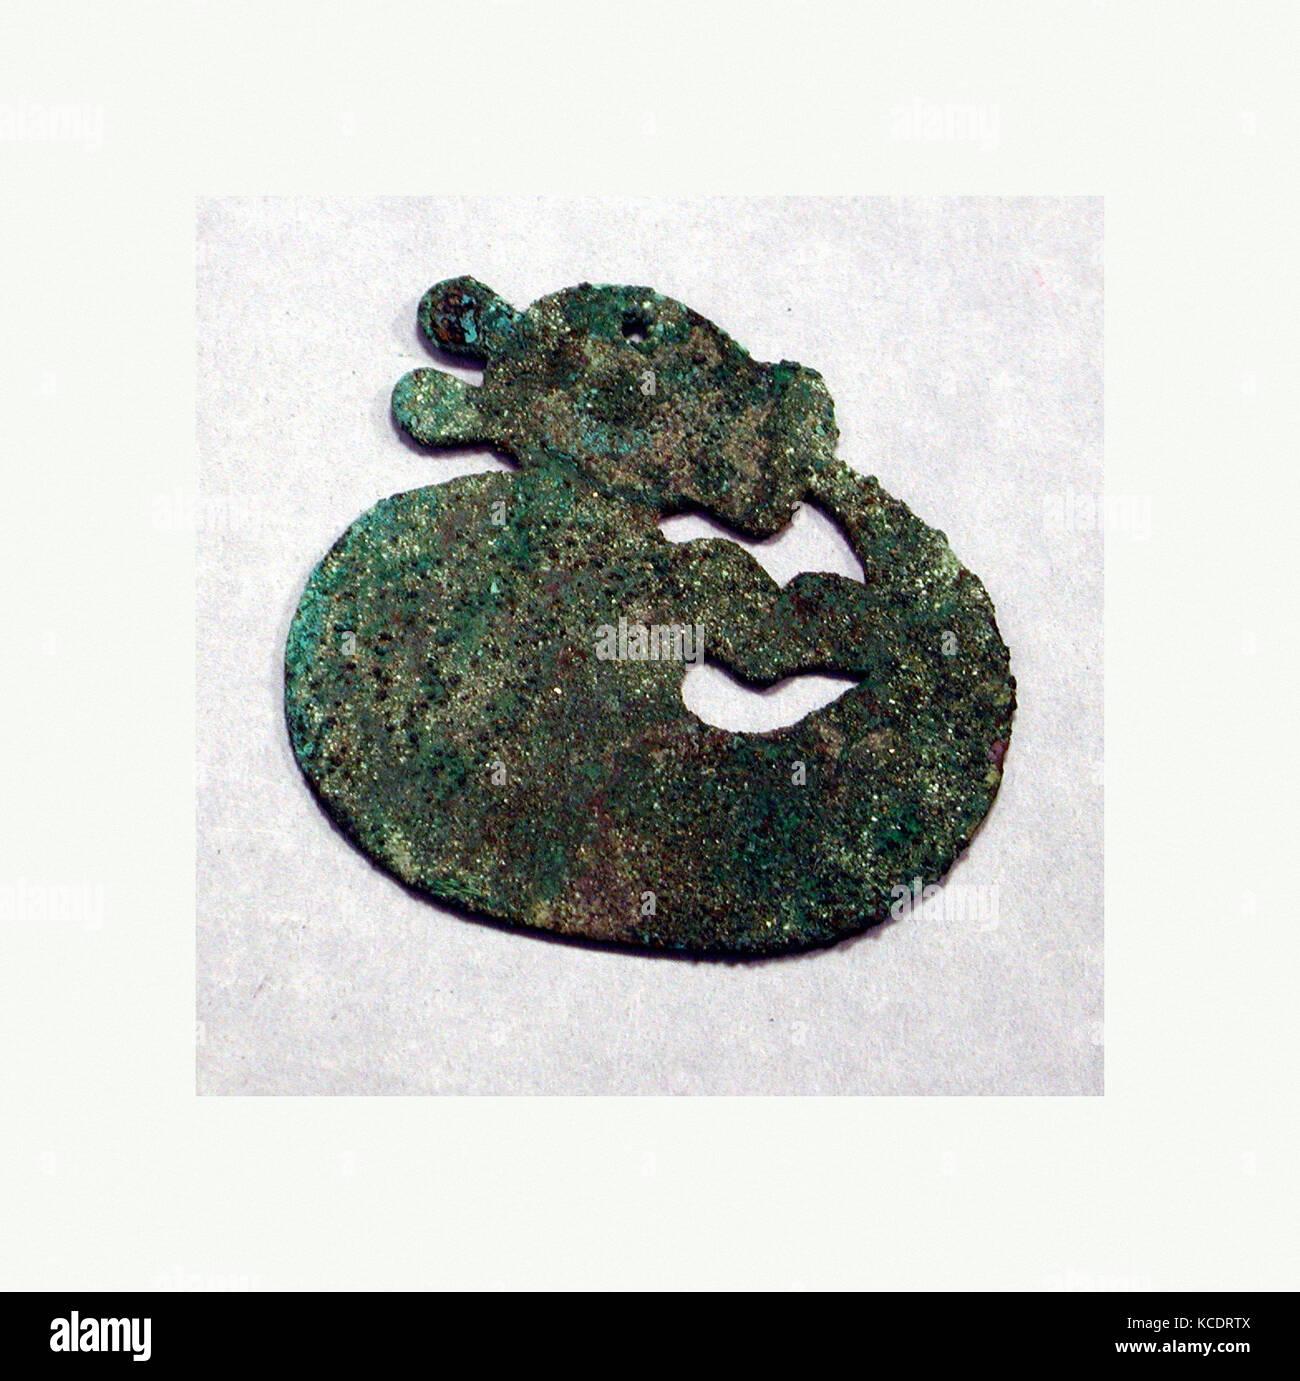 Animal Disk, A.D. 200–900, Peru, Peruvian, Copper, gilt, H x W: 3 5/16 x 3 1/8in. (8.4 x 8cm), Metal-Ornaments - Stock Image